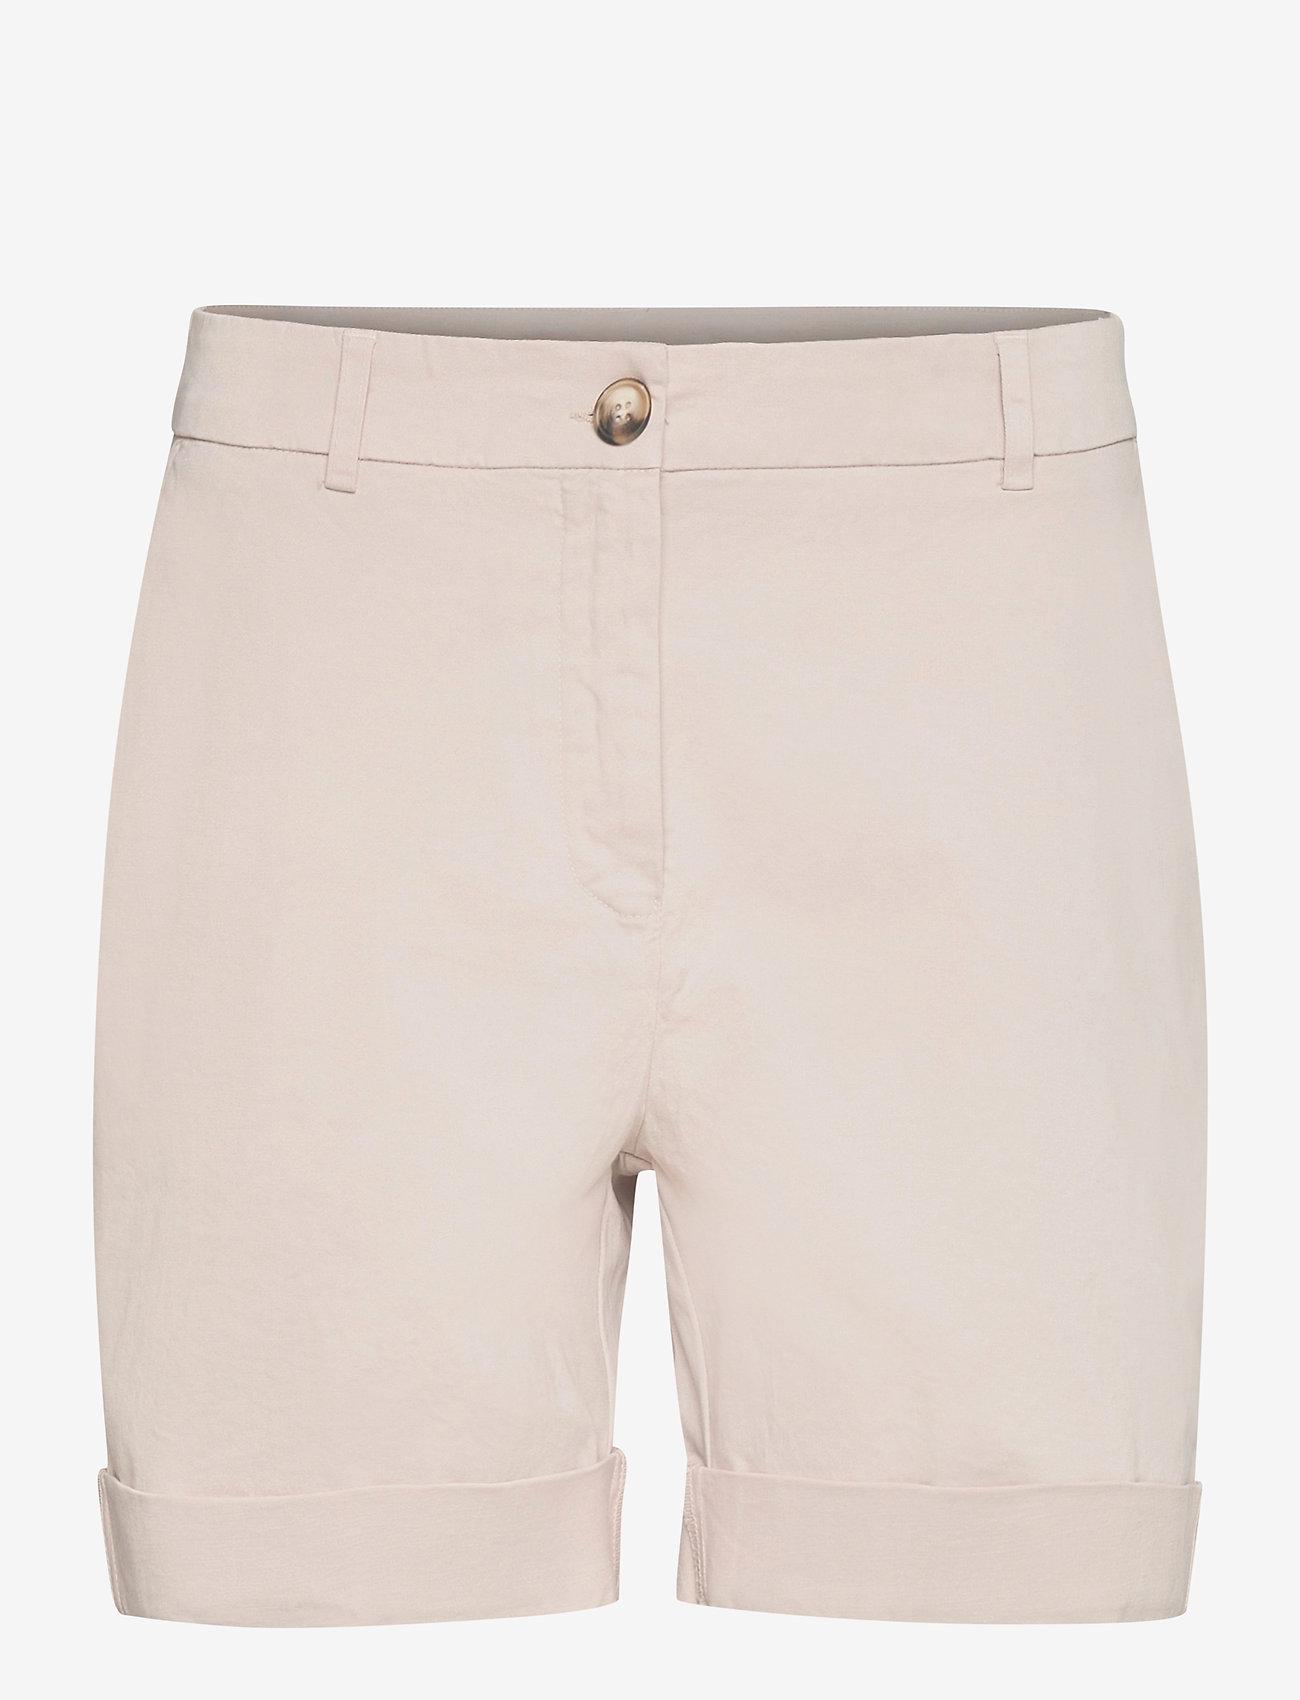 Rabens Saloner - Calina - chino shorts - off white - 0